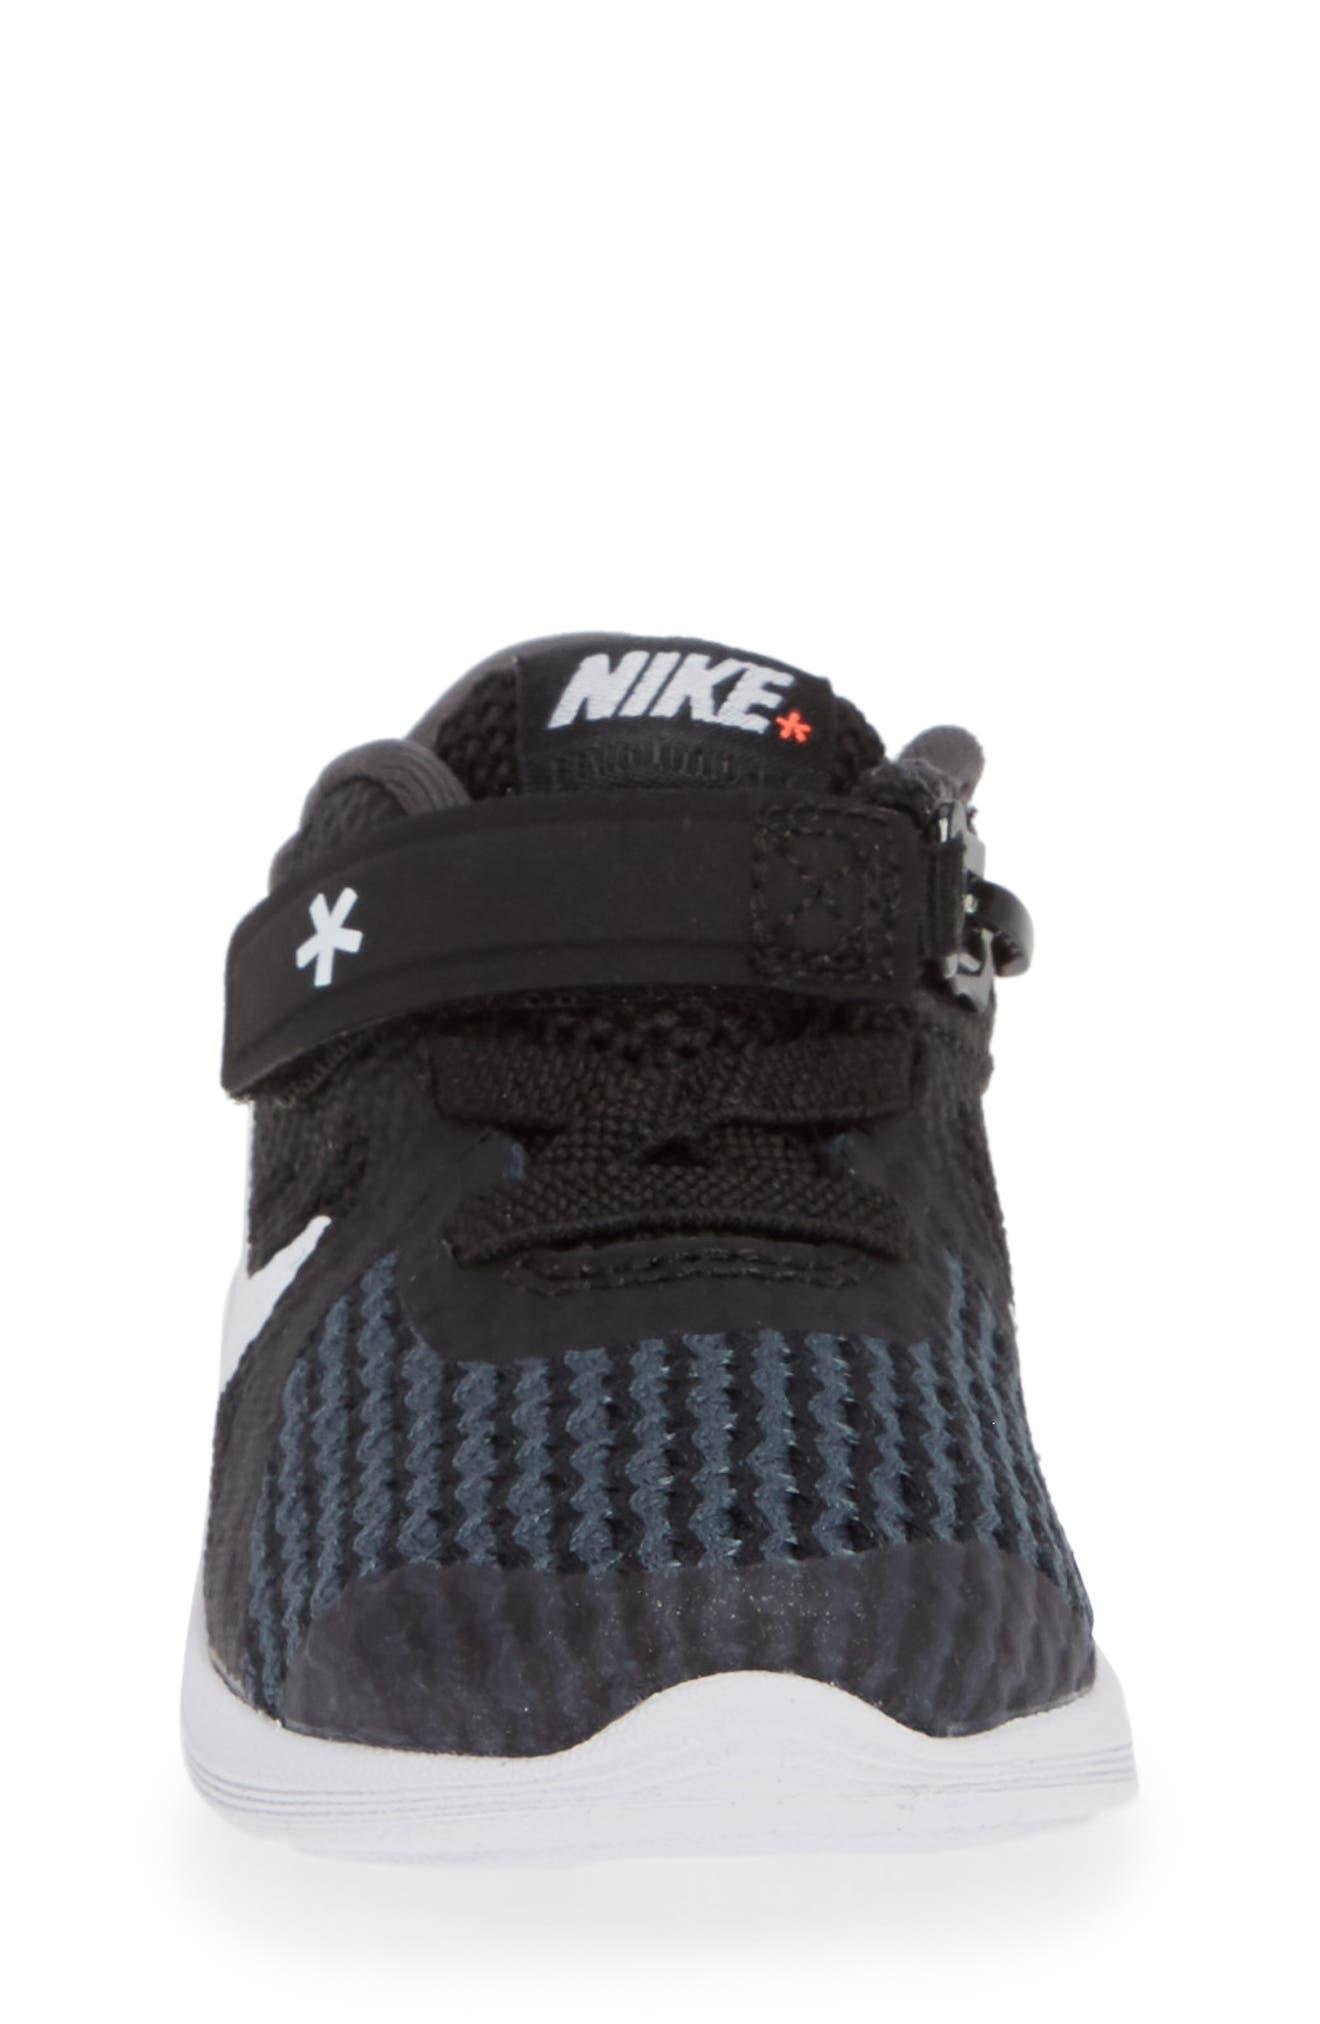 NIKE,                             Revolution 4 Flyease Sneaker,                             Alternate thumbnail 4, color,                             BLACK TOTAL CRIMSON